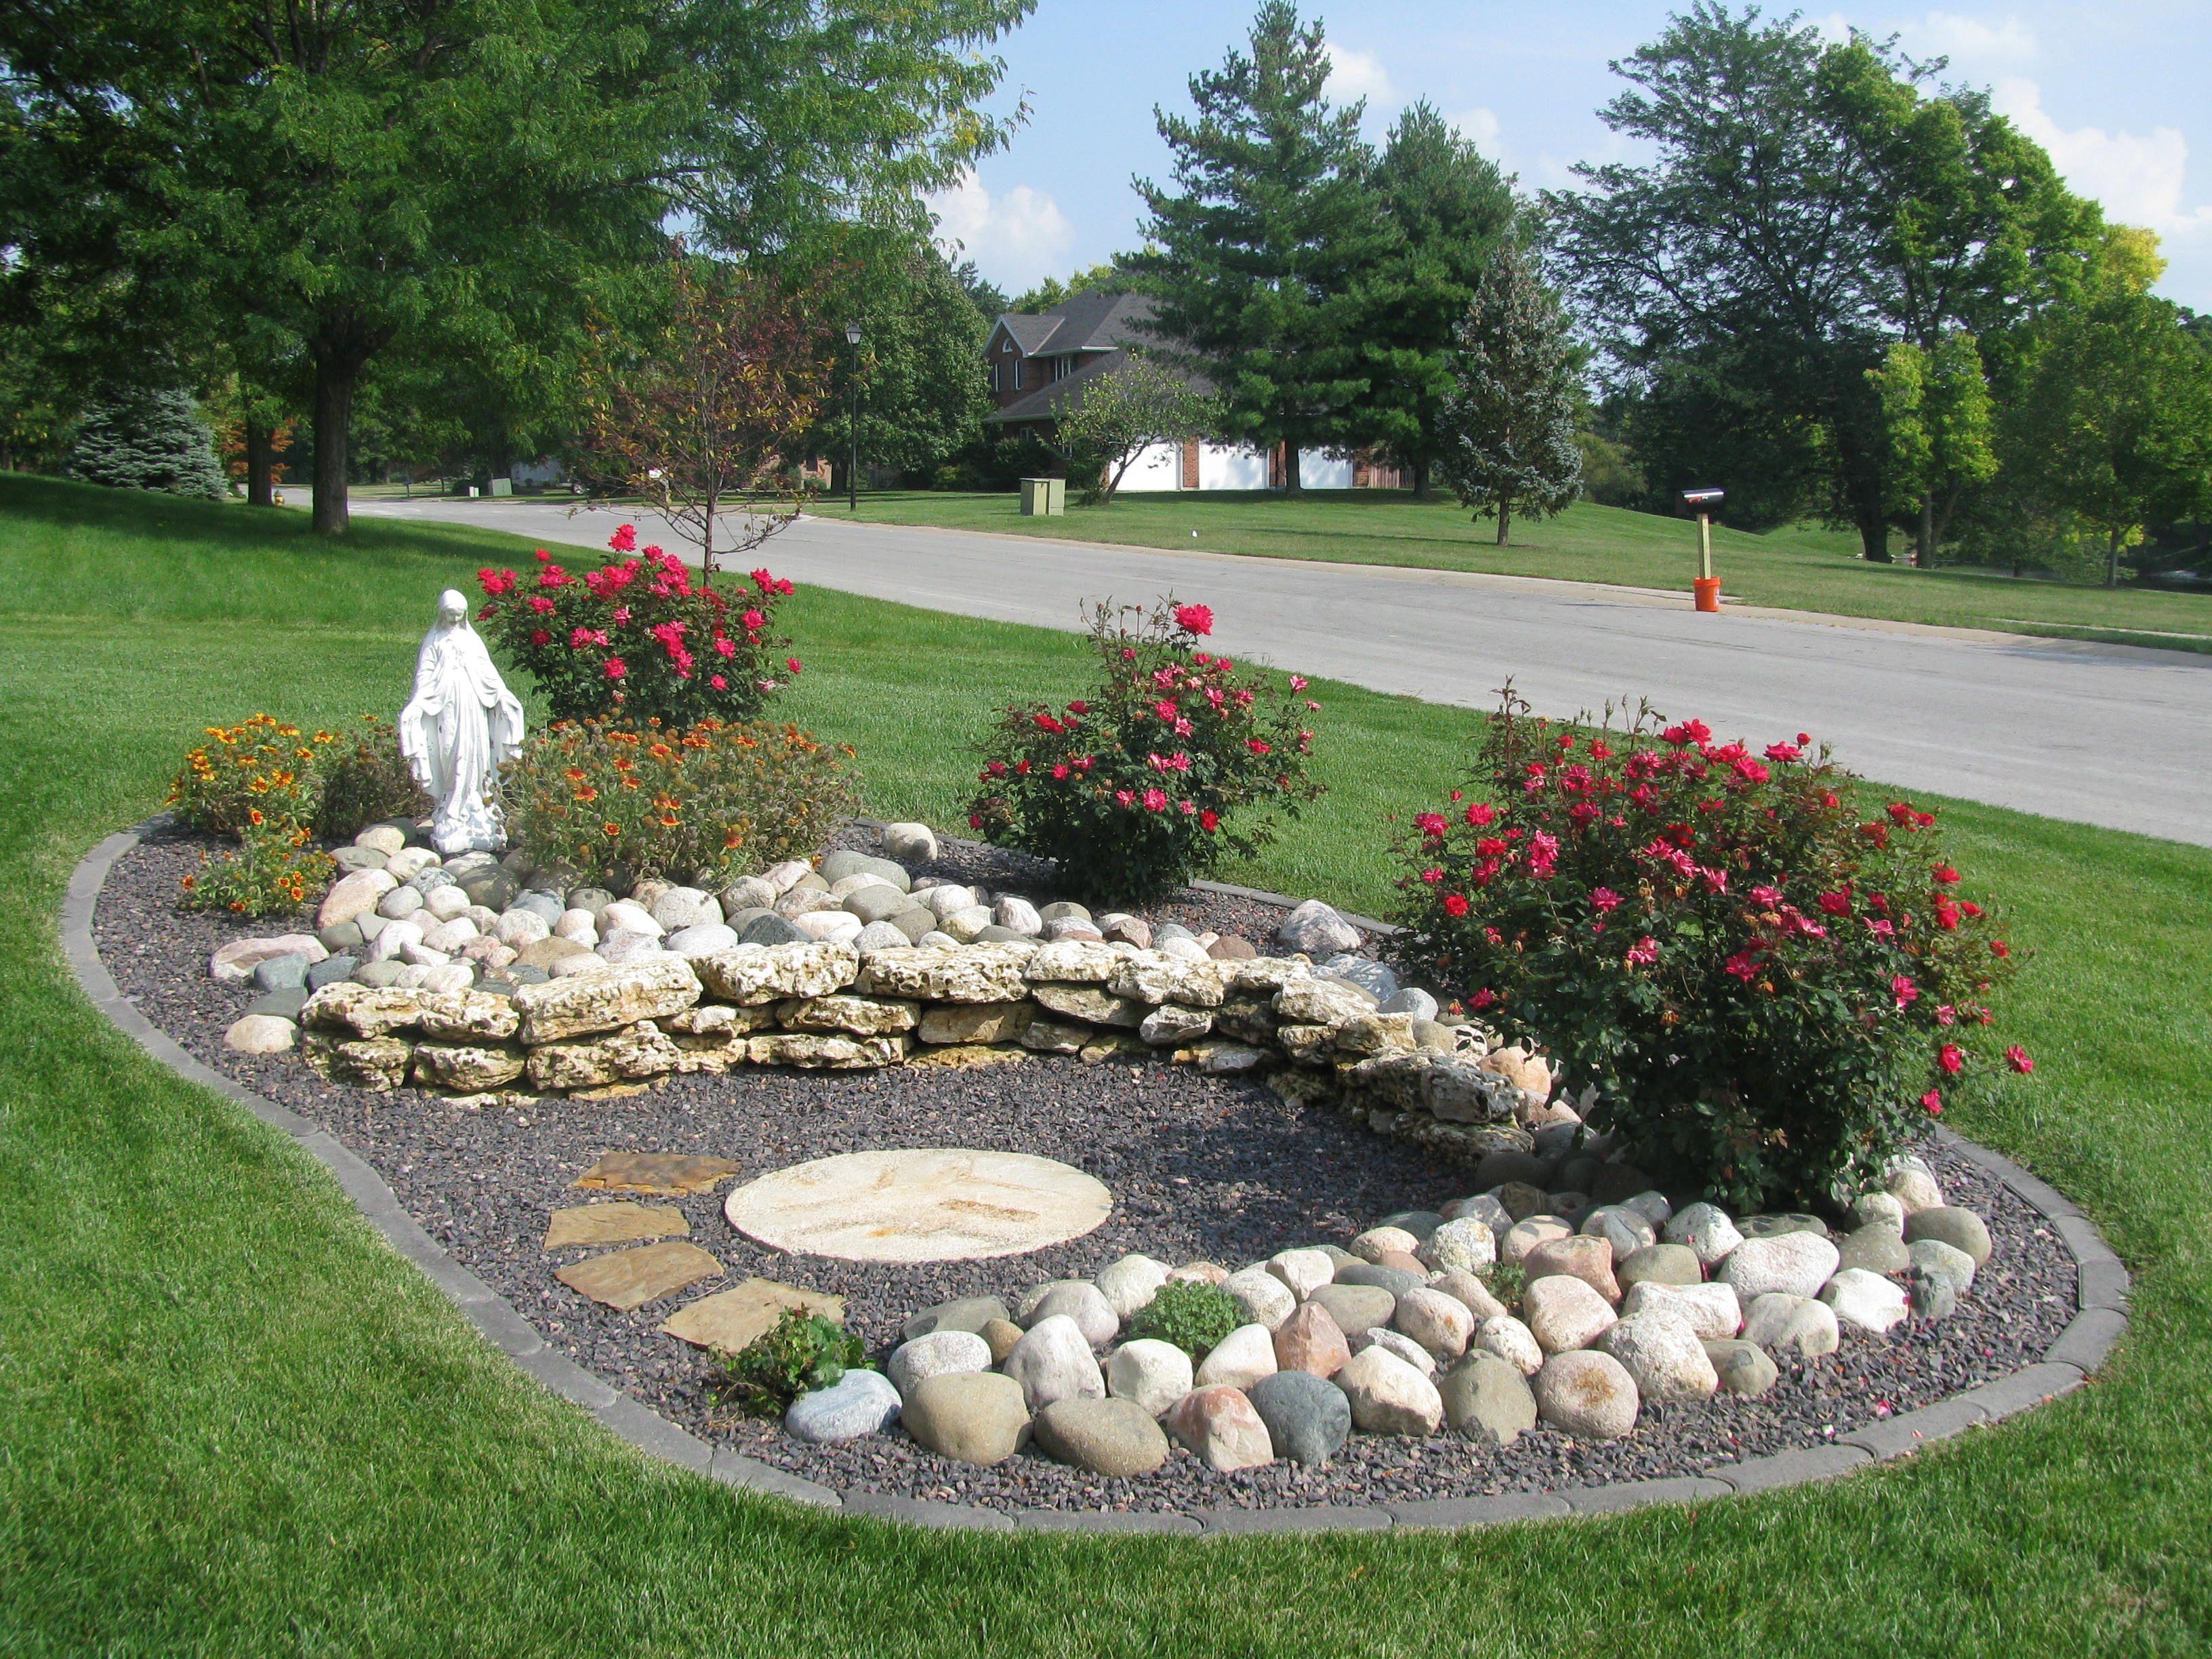 Inspiration Memorial Garden Ideas Photographcreate A Memori Home Decor And Garden Ideas Backyard Flowers Beds Memorial Garden Small Backyard Landscaping Backyard diy memorial garden